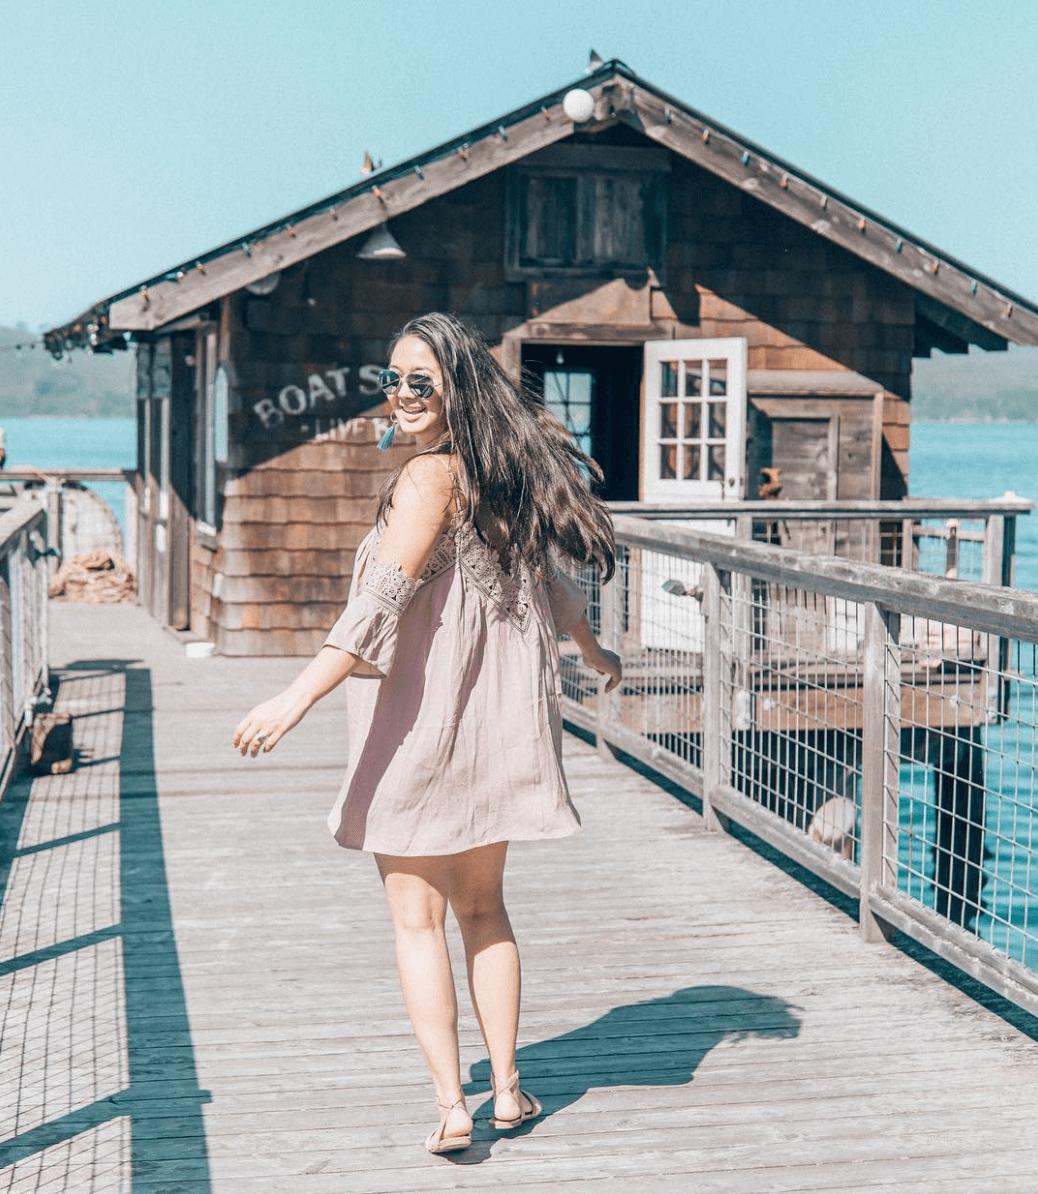 May, Instagram Fashion, featured by popular San Francisco fashion blogger, WTFab